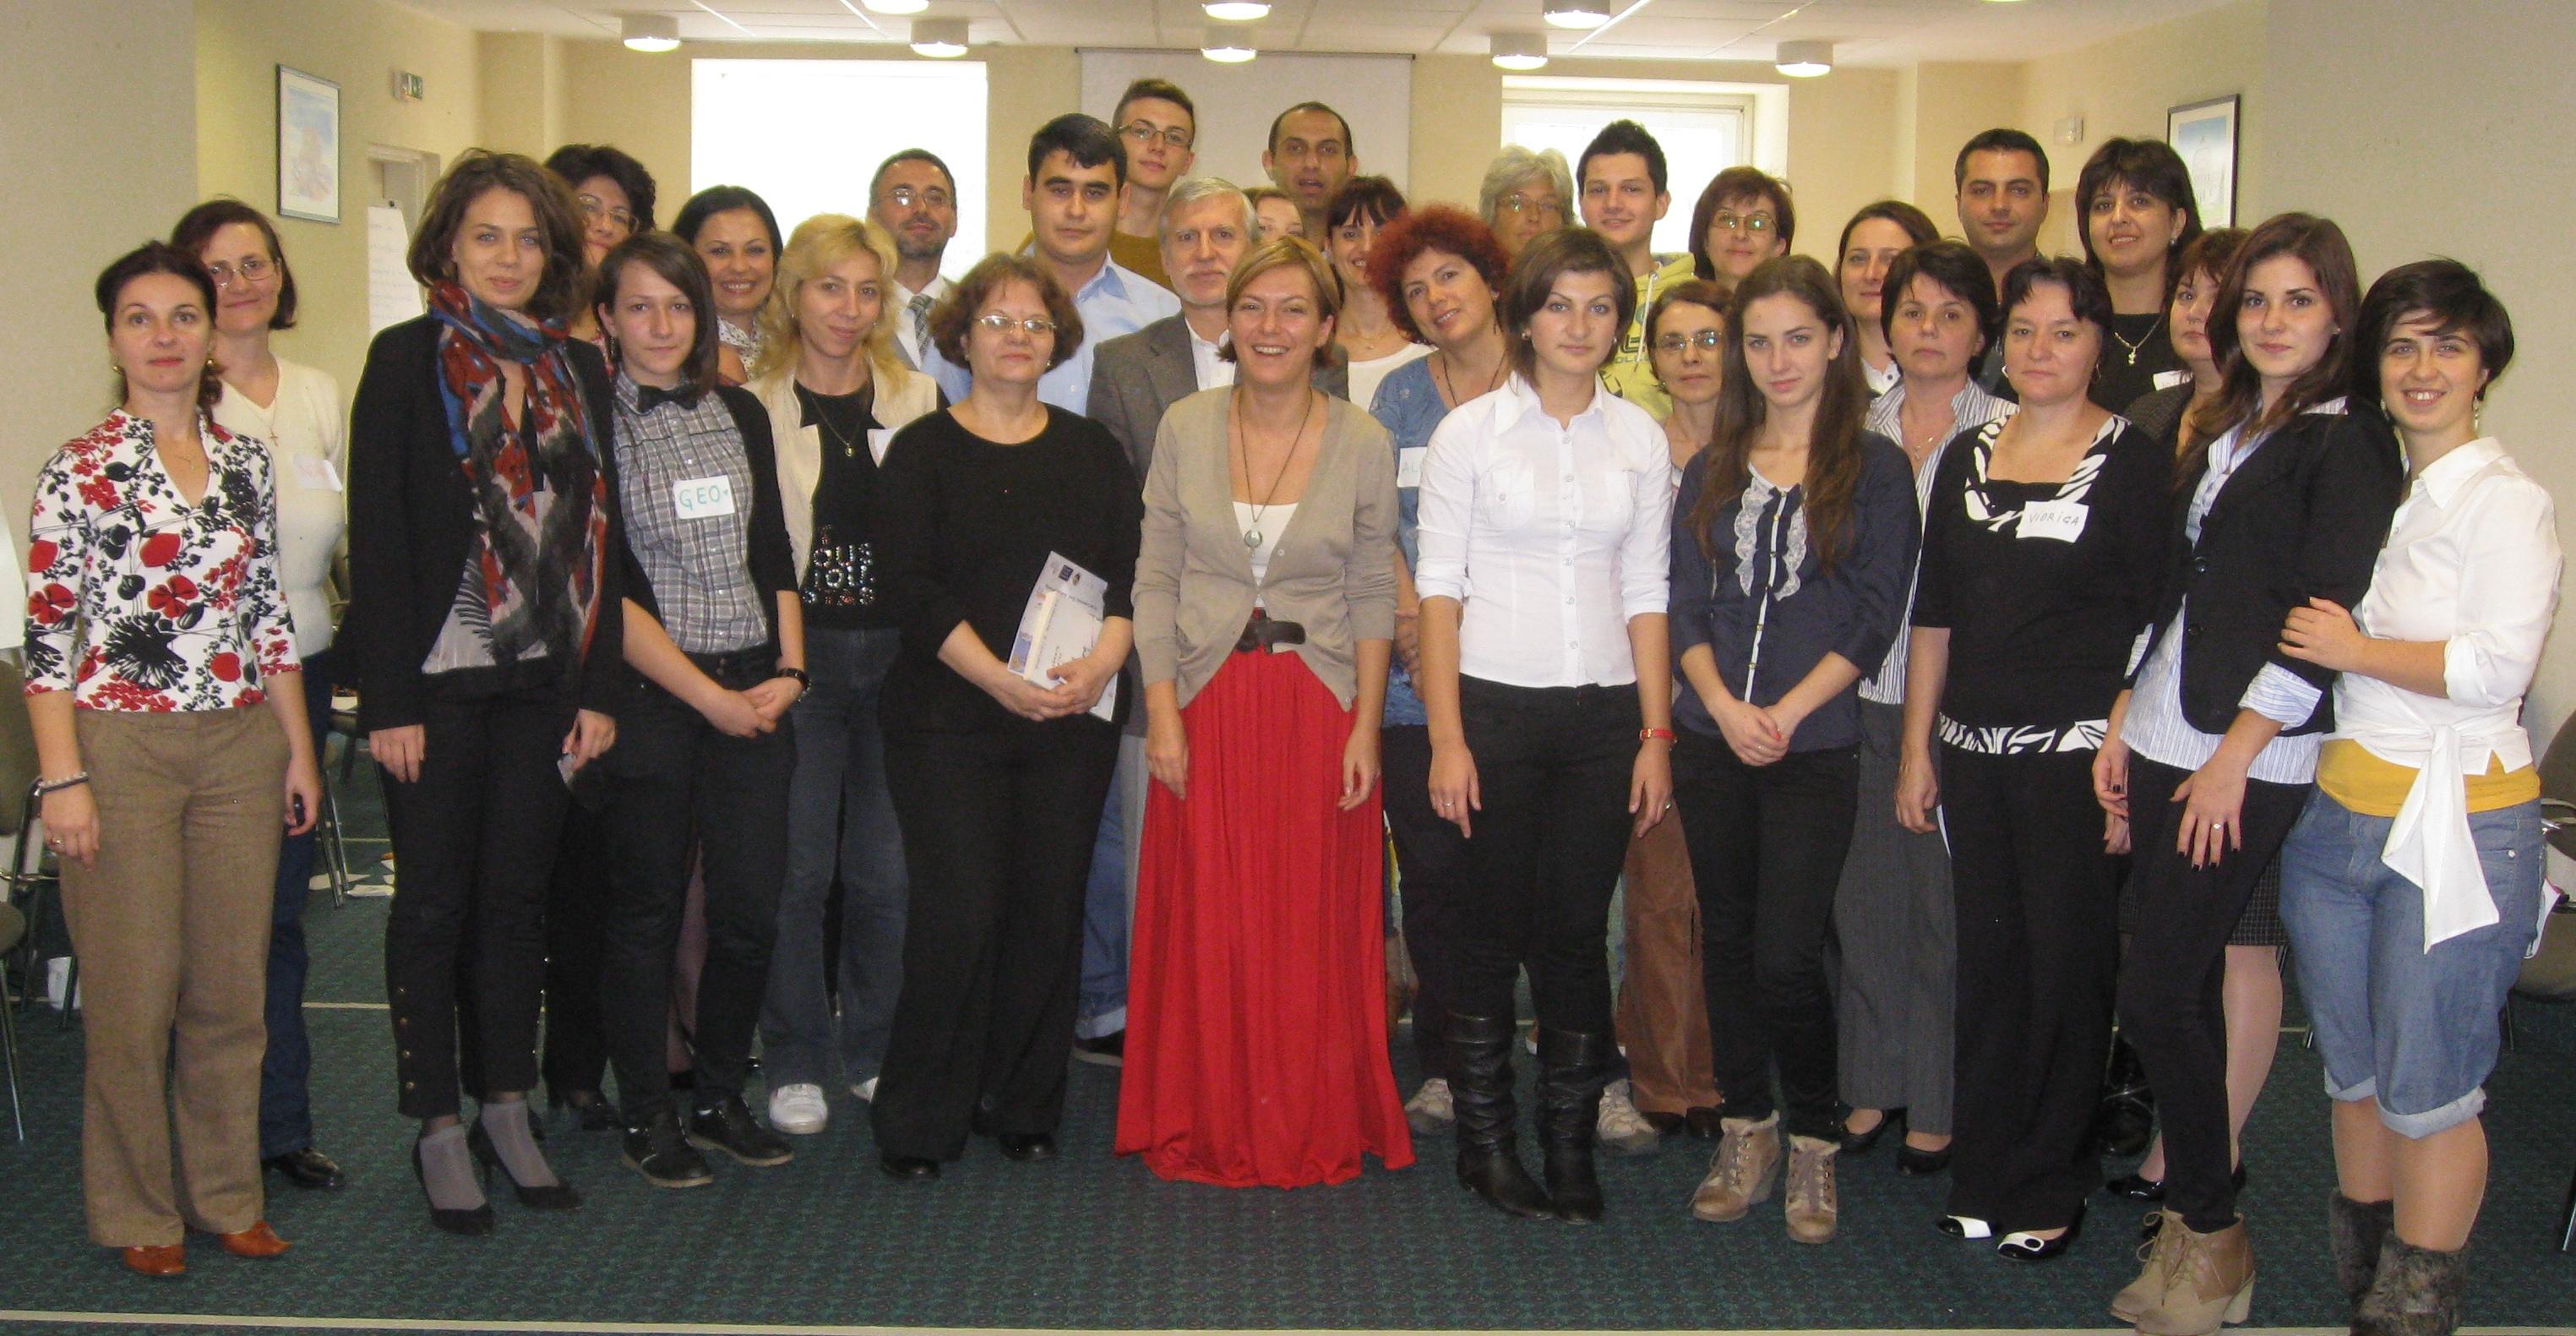 Participanții la întâlnirea Zburd - 4 noiembrie 2012